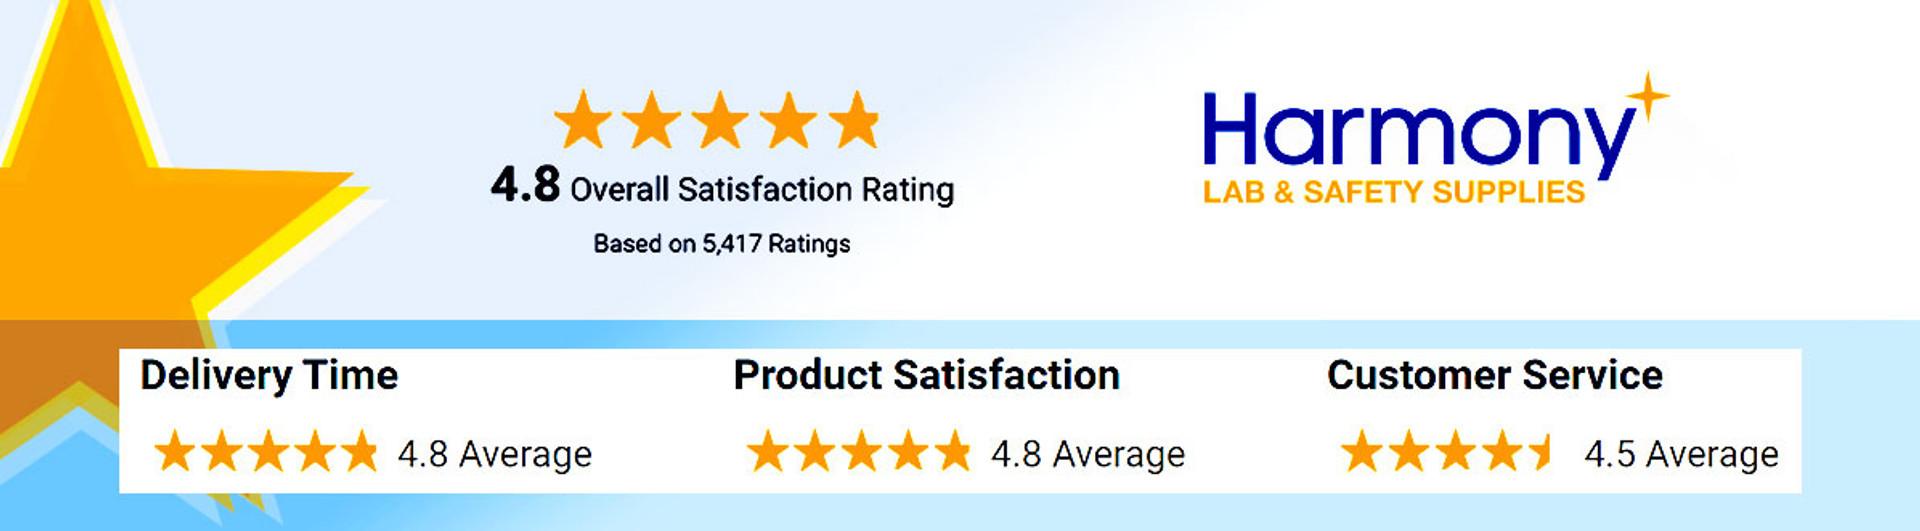 harmony reviews